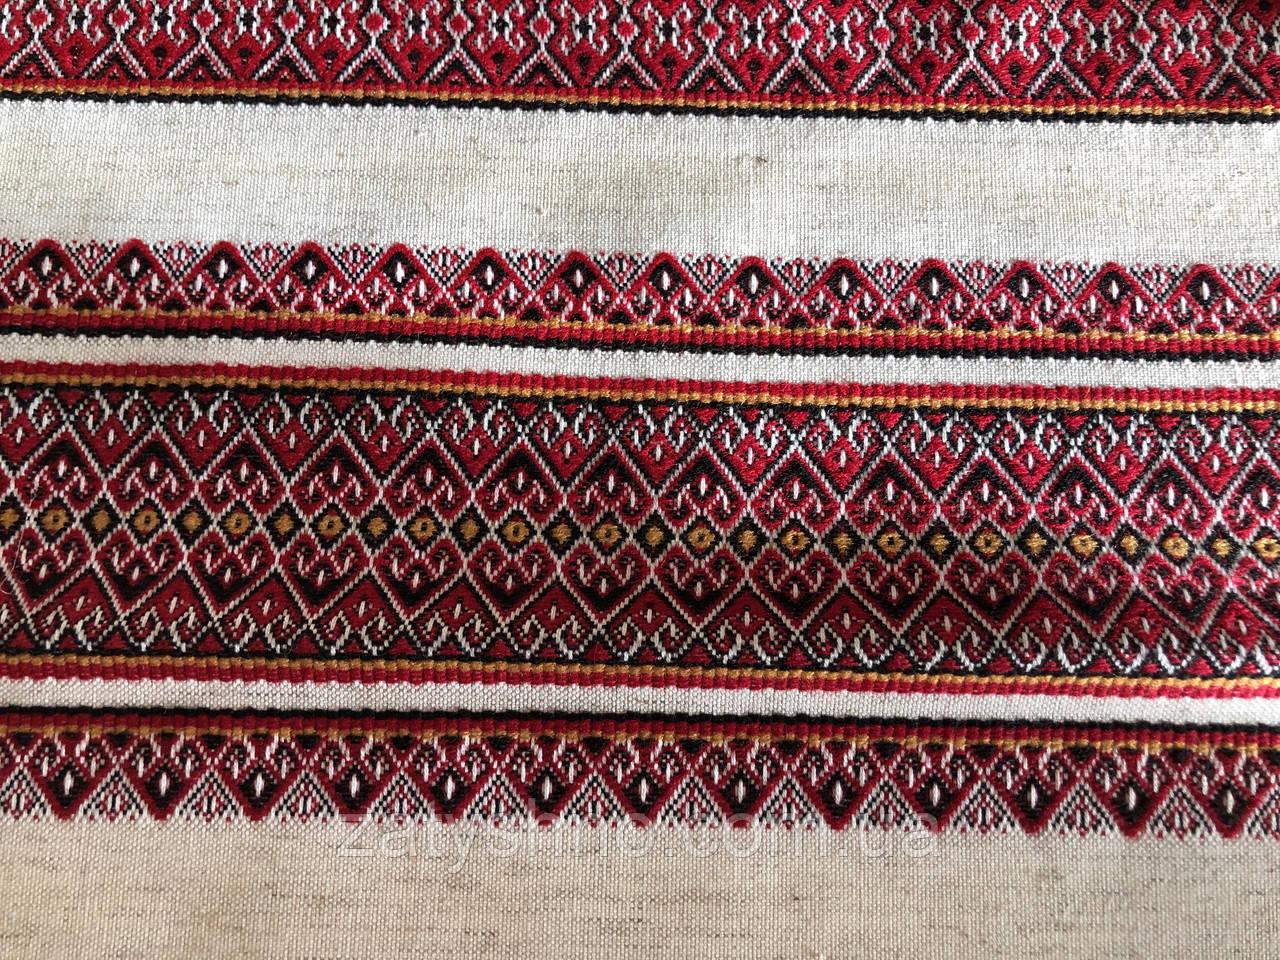 Бордова вишита скатертина на льоні з серветками 6 штук